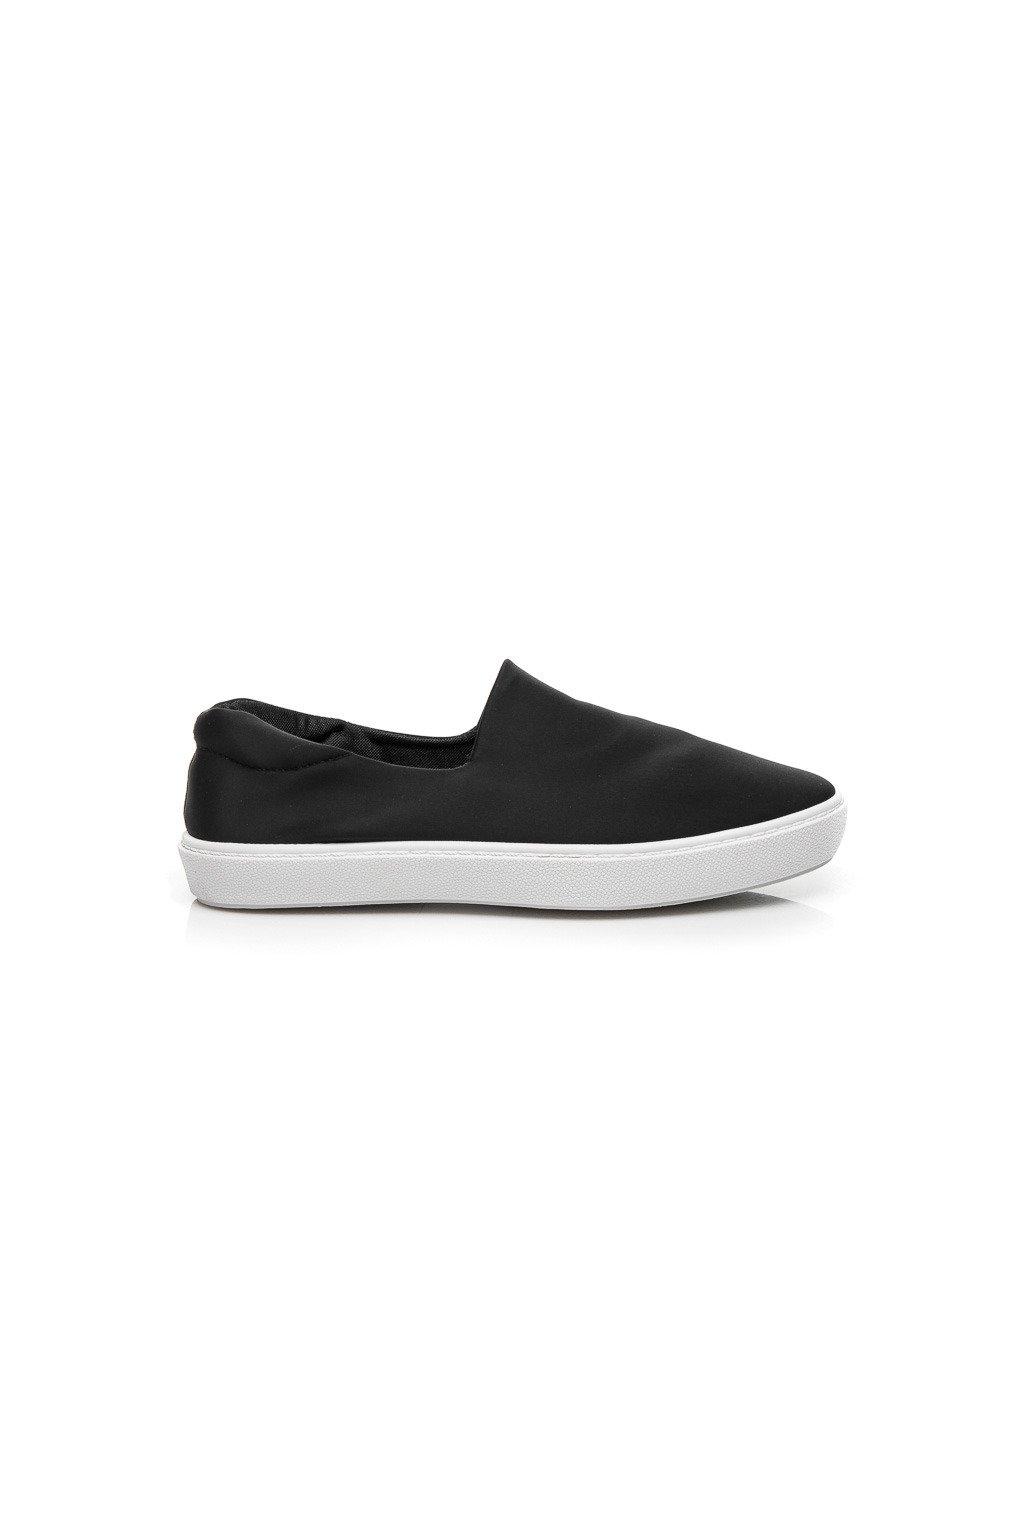 945cb05051 Dámska obuv - Topánky